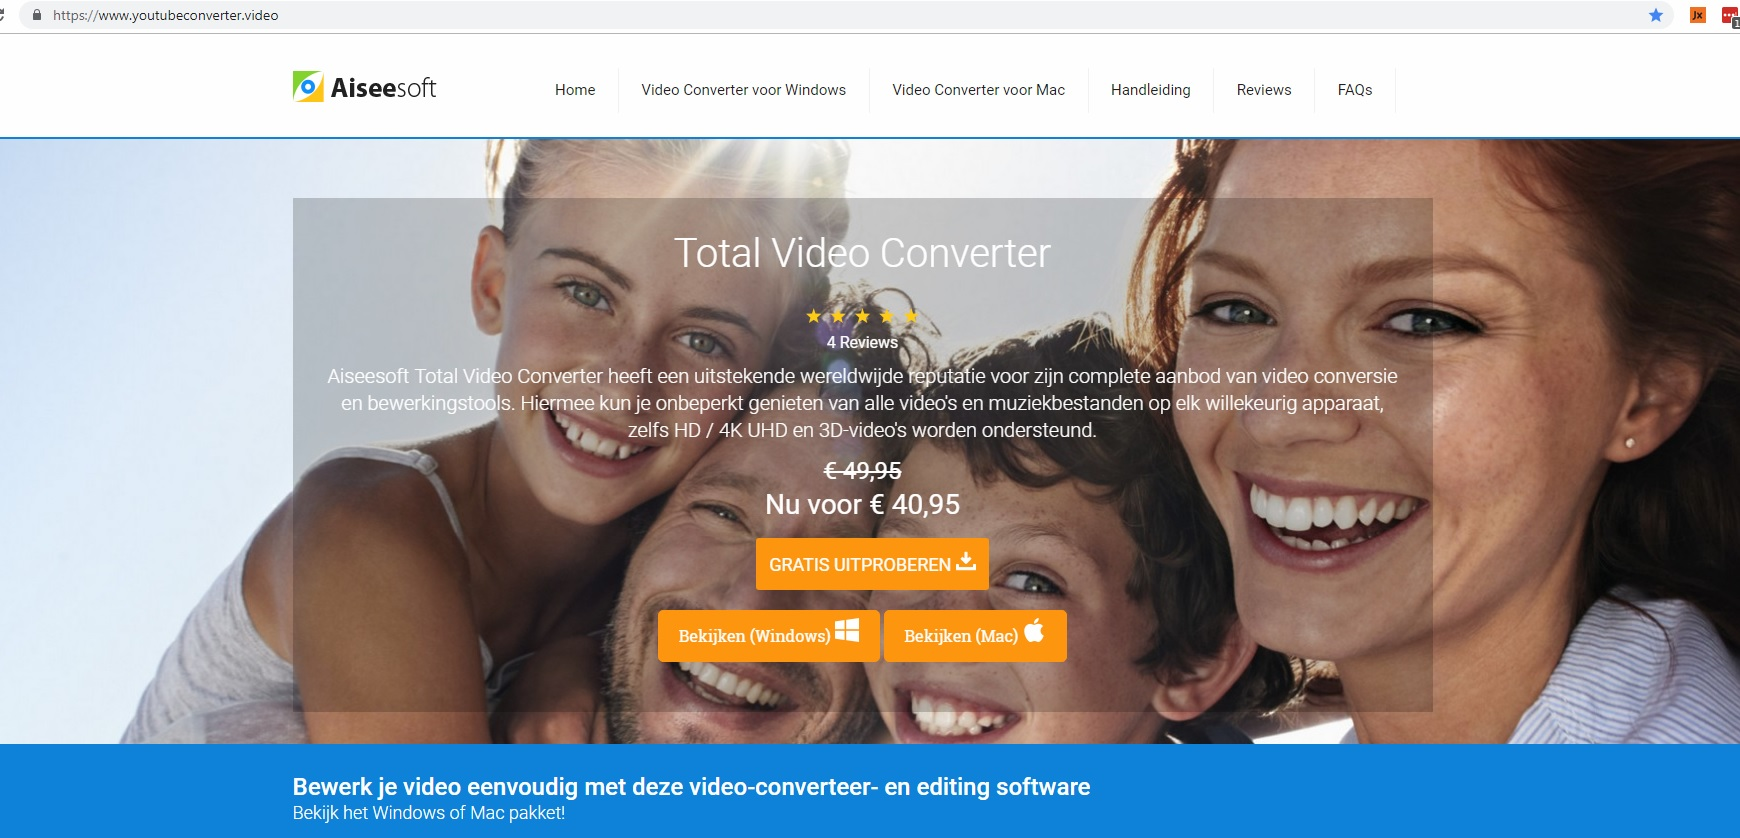 Website te koop - direct starten met verkopen van software - biedingen zijn welkom-totalvideoconverter-jpg